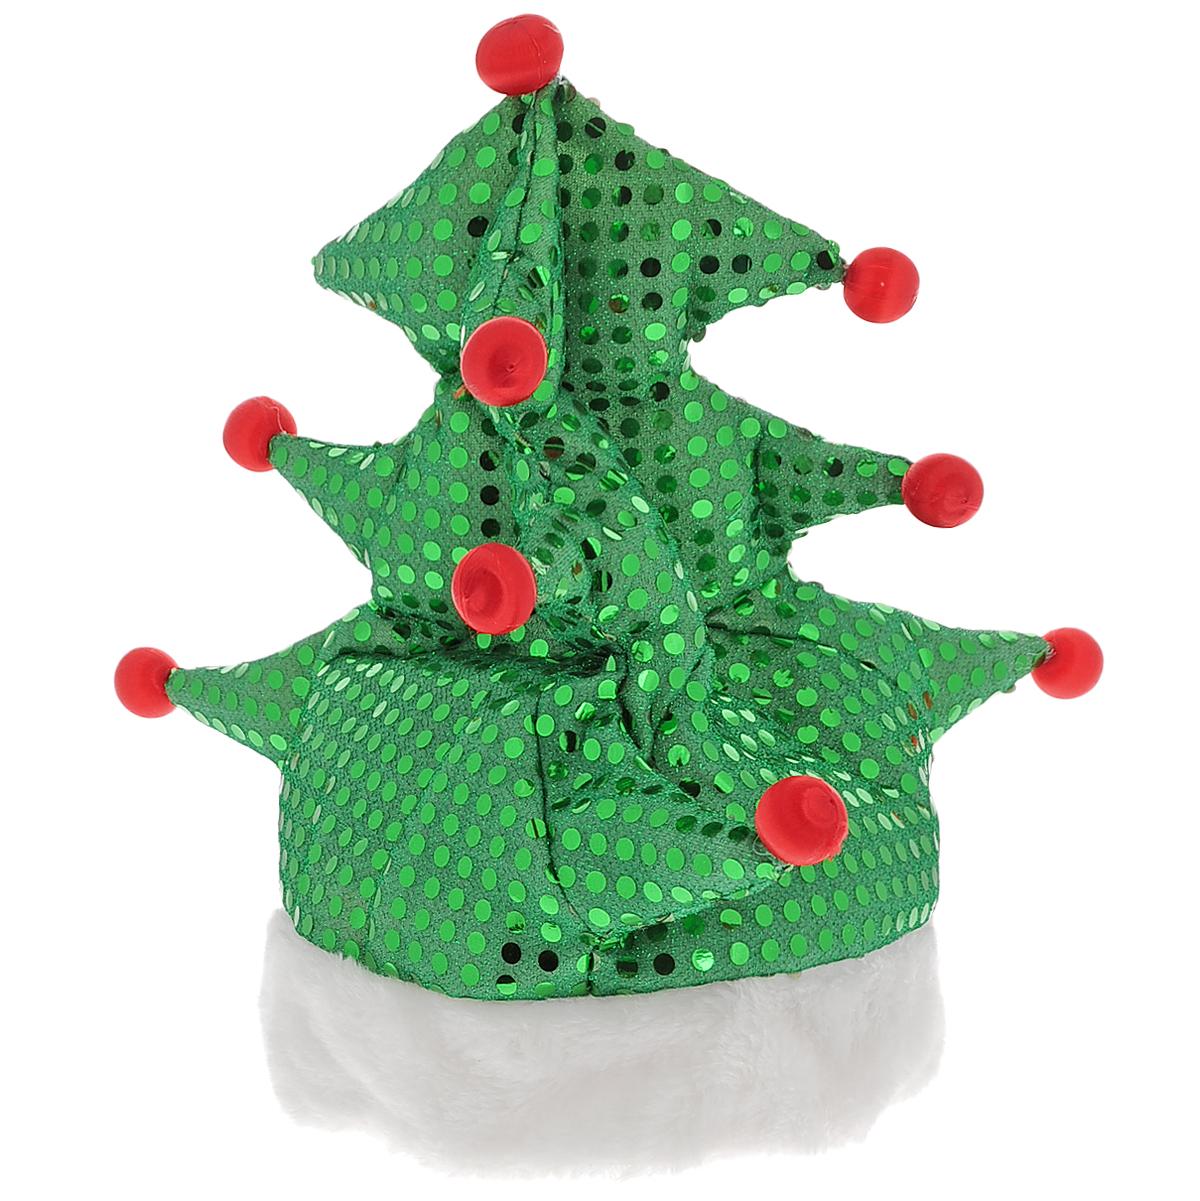 Маскарадная шляпа Елочка, цвет: зеленый. 3133931339Маскарадная шляпа Елочка, выполненная из хлопка и полиэстера, внесет нотку задора и веселья в праздник и станет завершающим штрихом в создании праздничного образа. Объемная блестящая шапка в форме новогодней елки украшена шариками. Карнавалы больше не требуют длительной подготовки. Приходите на костюмированный праздник или превратите любую вечернику в карнавал со шляпой Елочка. Этот яркий аксессуар создаст атмосферу веселья на детском и даже на взрослом празднике. Материал: полиэстер, хлопок. Обхват головы: 59 см - 60 см.